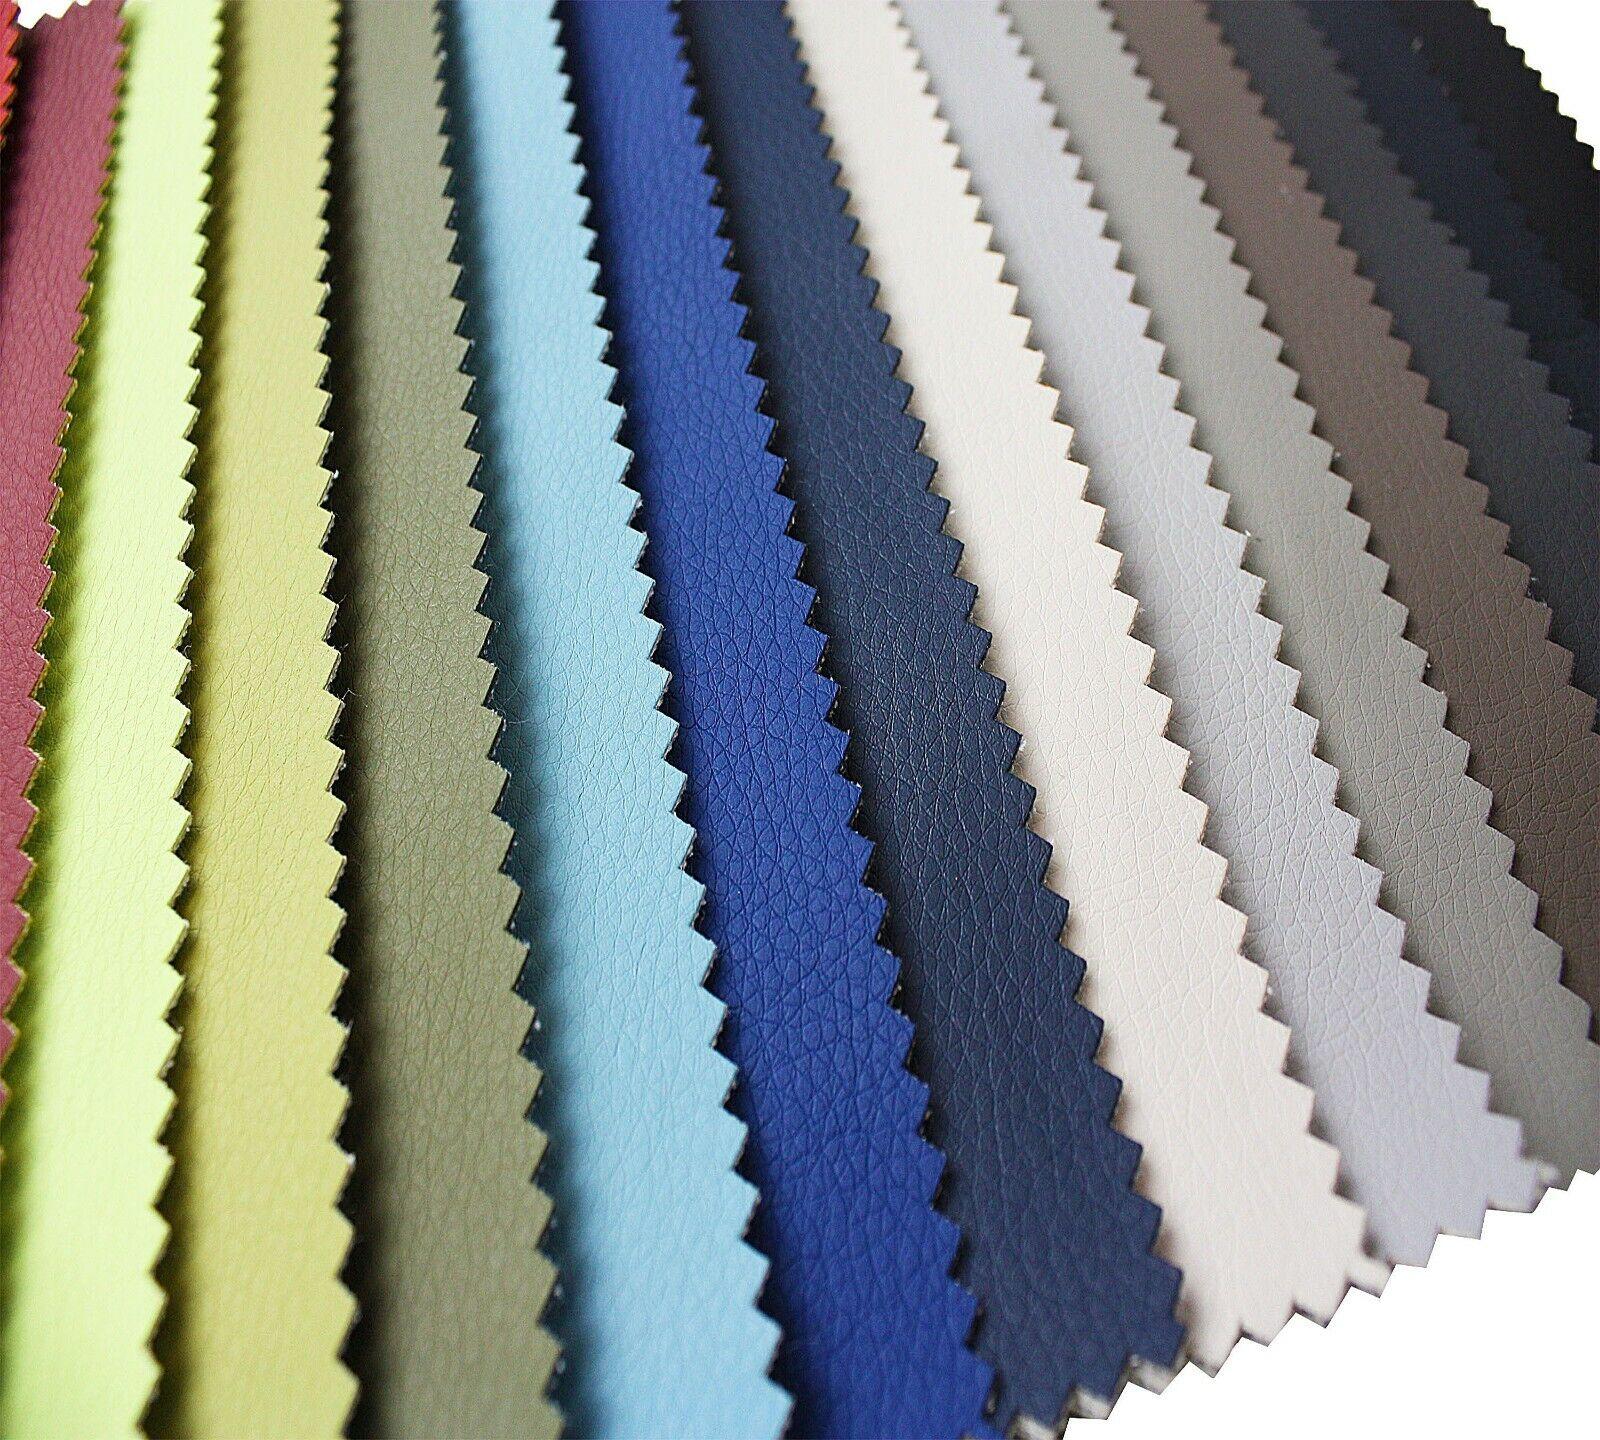 Kunstleder Möbel Textil Meterware Polster Stoff PU SOFT Möbelstoff